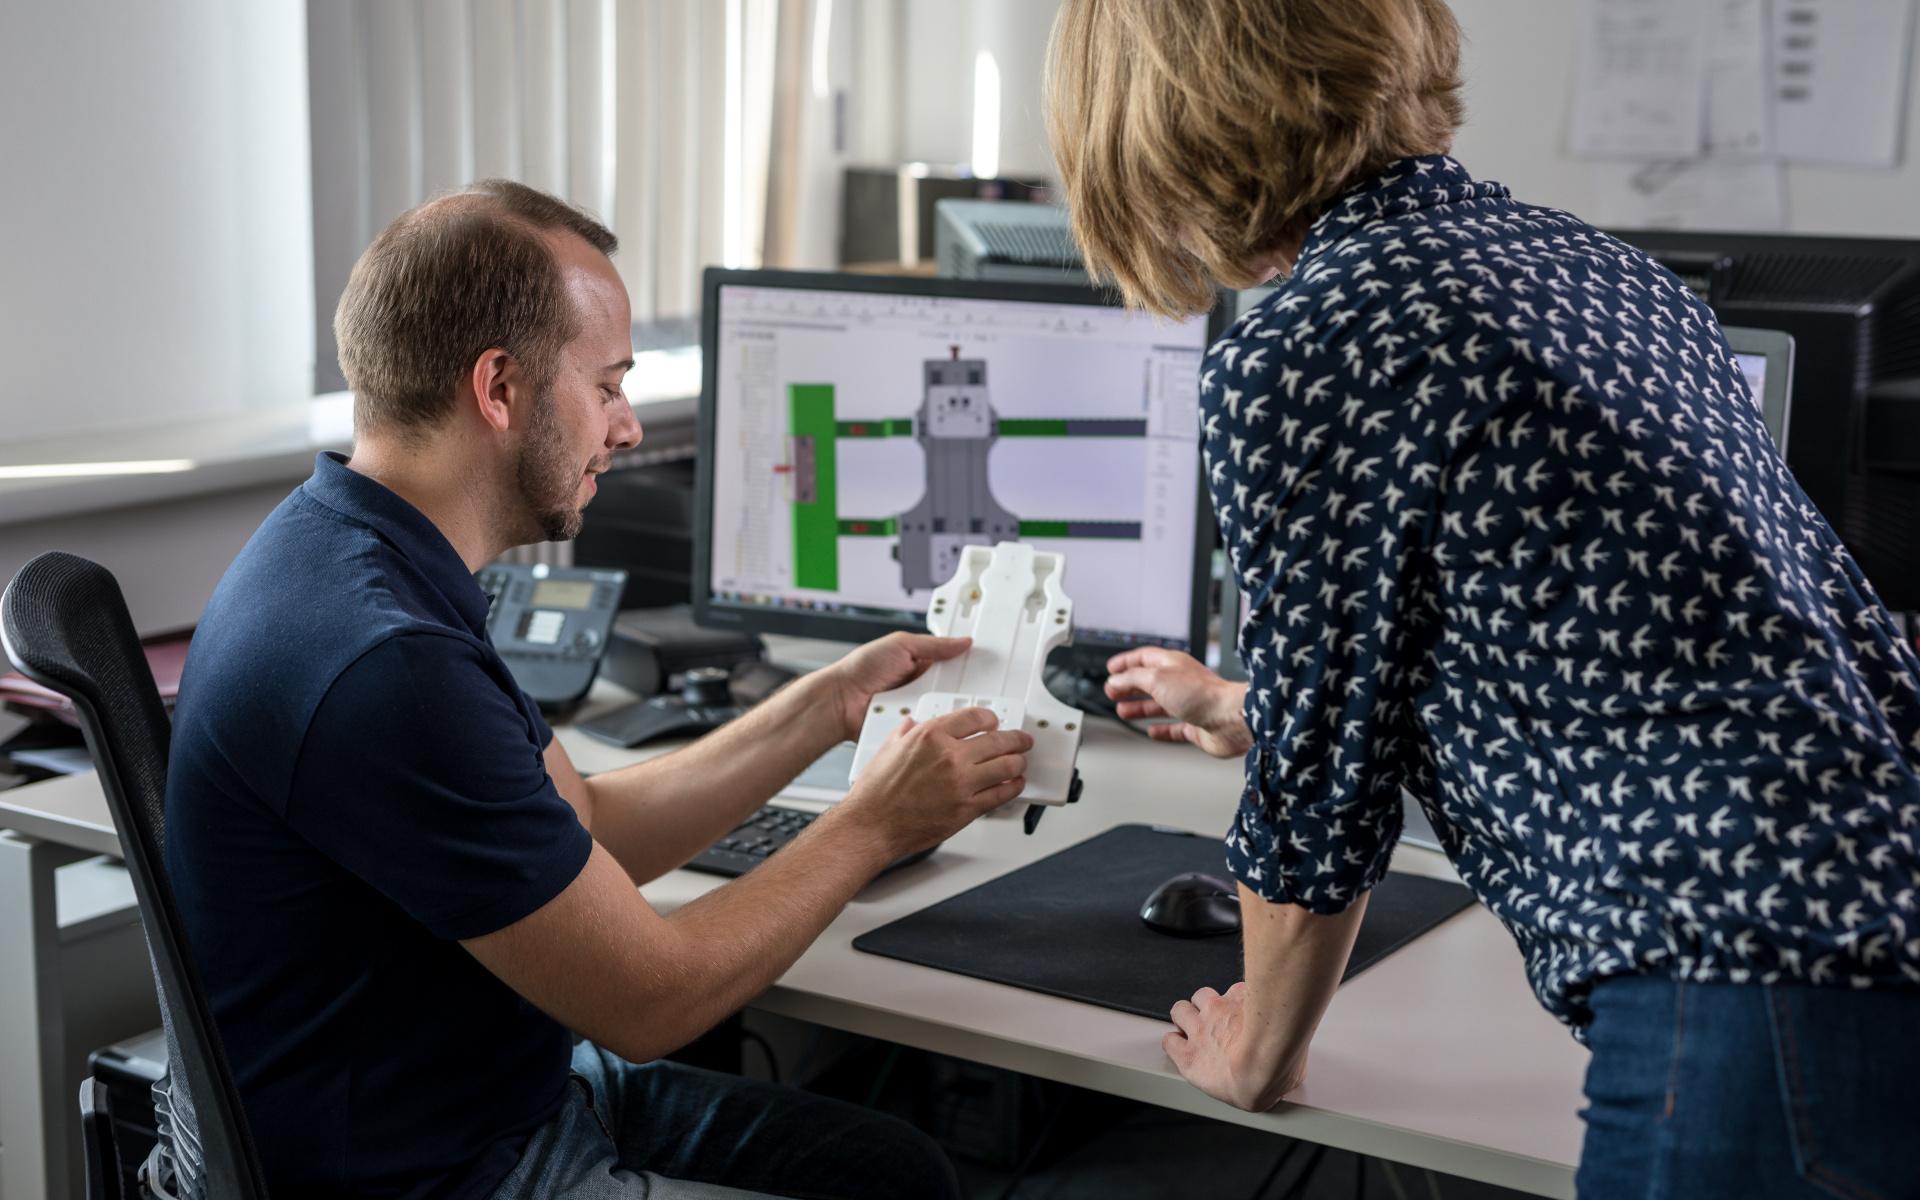 Mitarbeiter des Entwicklungsbetriebs der DRF Luftrettung besprechen einen Prototypen.